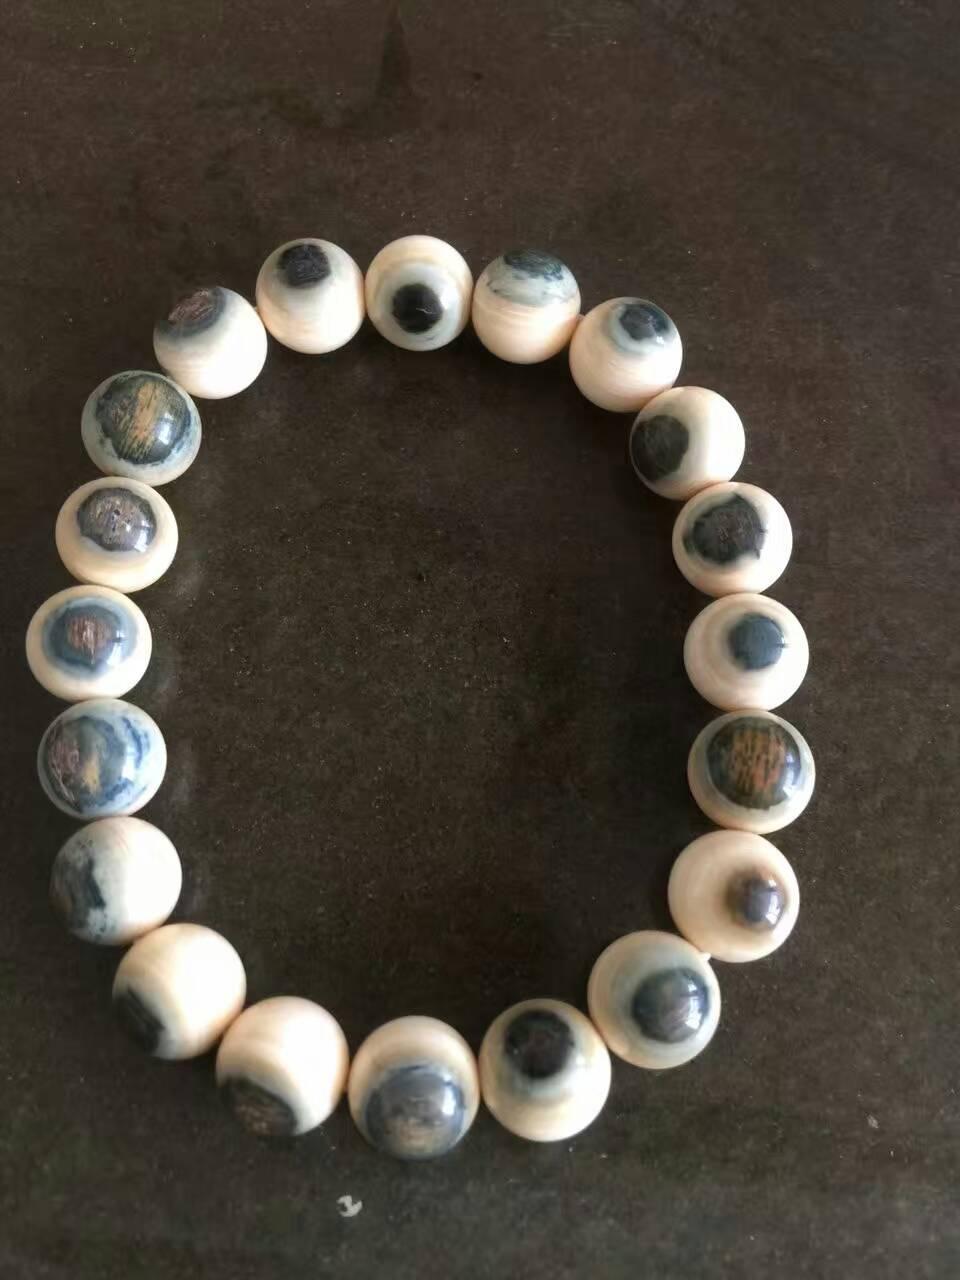 猛犸蓝眼睛手串10mm,0.8mm,0.6mm冰料蓝眼睛手串